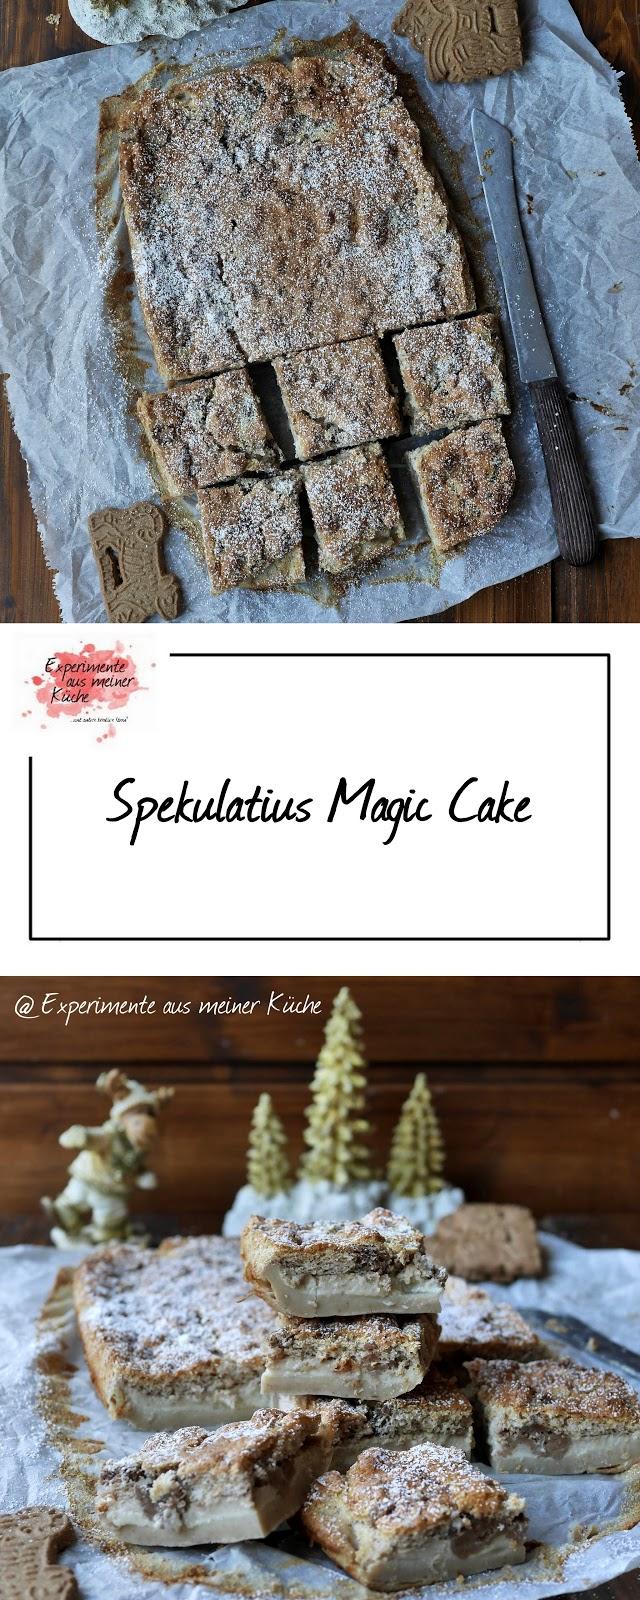 Experimente Aus Meiner Kuche Spekulatius Magic Cake